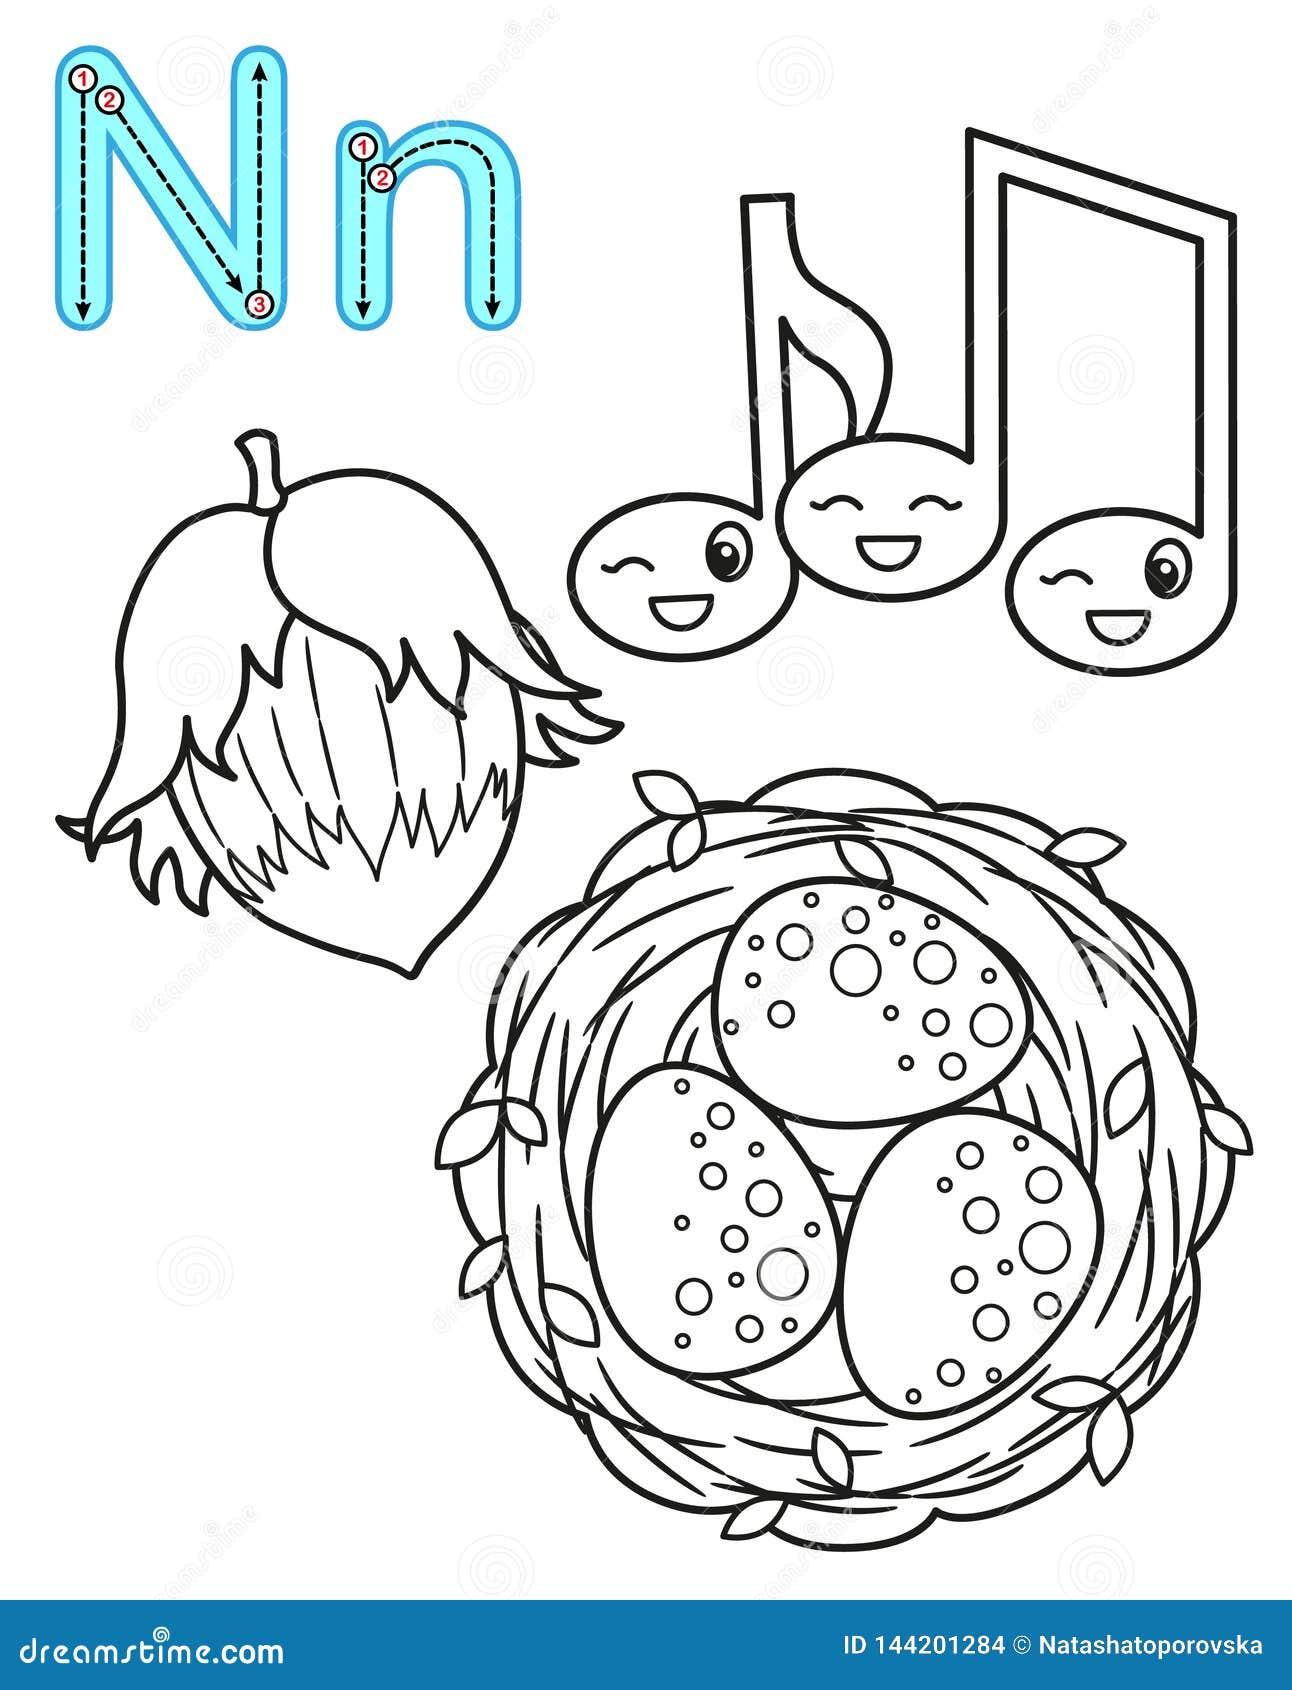 Printable kolorystyki strona dla dziecina i preschool Karta dla nauk angielszczyzn Wektorowy kolorystyki ksi??ki abecad?o liter?